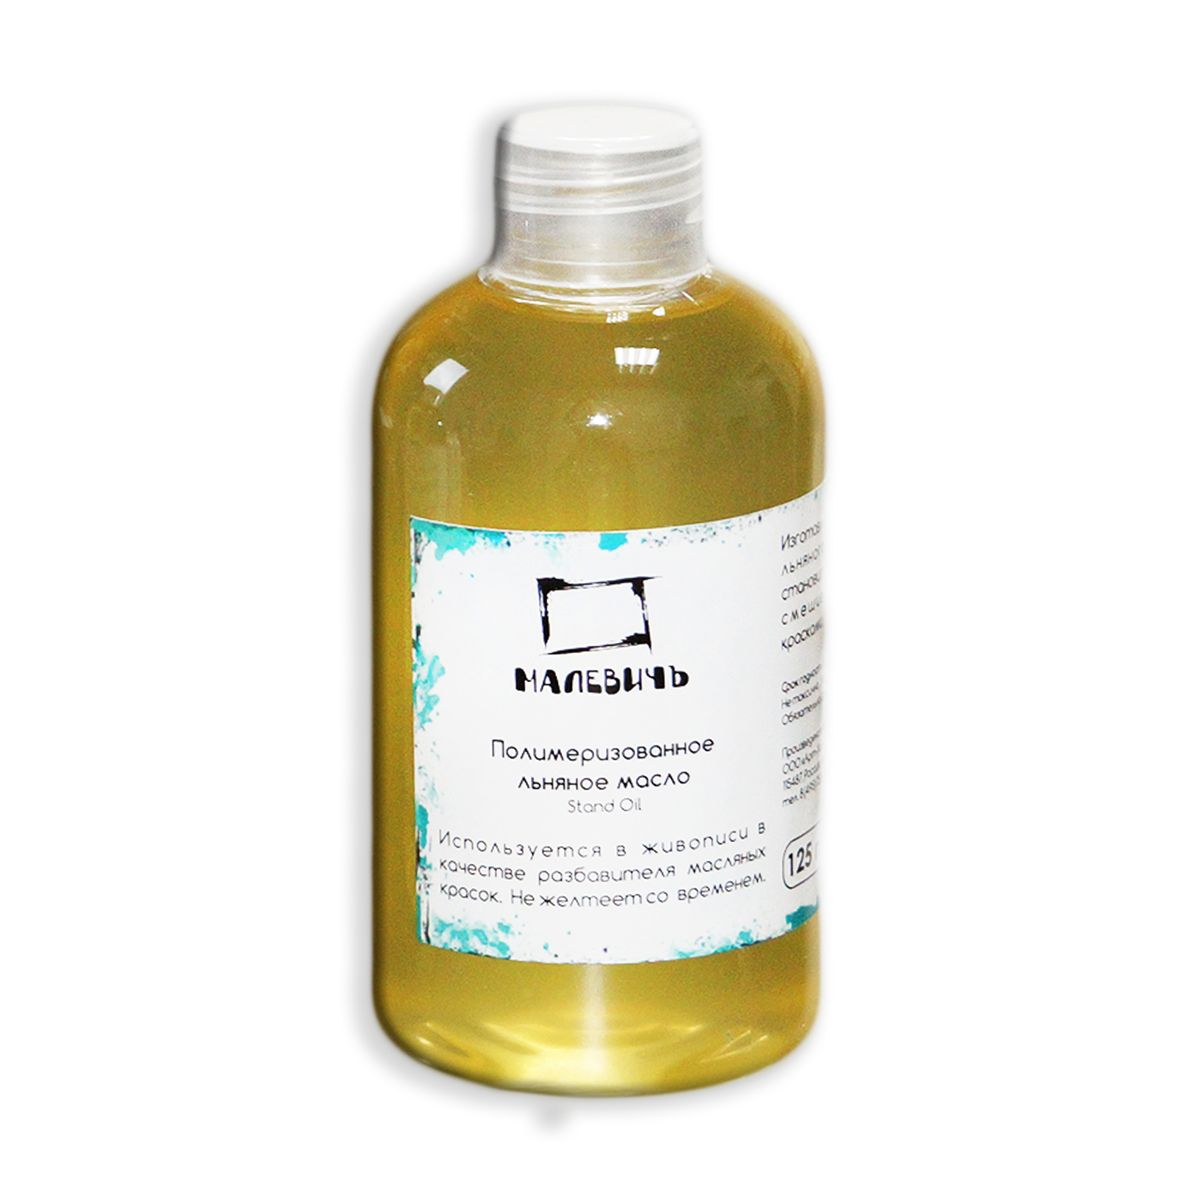 Малевичъ Полимеризованное льняное масло 125 мл820011Полимеризованное льняное масло Малевичъ наделяет краски более яркими, полными тонами и может использоваться для коррекции пожухших участков живописи, а также в качестве глянцевого лака для масляных красок. Благодаря специальной обработке полимеризованное льняное масло становится непроницаемым для воды и газов, фактически превращаясь в лак. Оно теряет способность желтеть, поскольку отвечающий за это свойство линоленовый глицерид становится крайне устойчивым к химическим изменениям смолистым веществом.Пленка полимеризованного льняного масла может использоваться в качестве финишного лака, сохраняющего свежесть и яркость красоки придающего готовой картине привлекательный глянцевый блеск.Льняные масла Малевичъ:•натуральный, экологически чистый продукт•полностью очищены от посторонних примесей•выдержаны и отбелены•не желтеют с течением времени•не деформируют красочный слой•образуют прочную пленку при высыхании•могут использоваться в качествелака и основы для «тройника»Экономичная упаковка 125 мл позволяет полностью использовать средство до истечения срока годности.